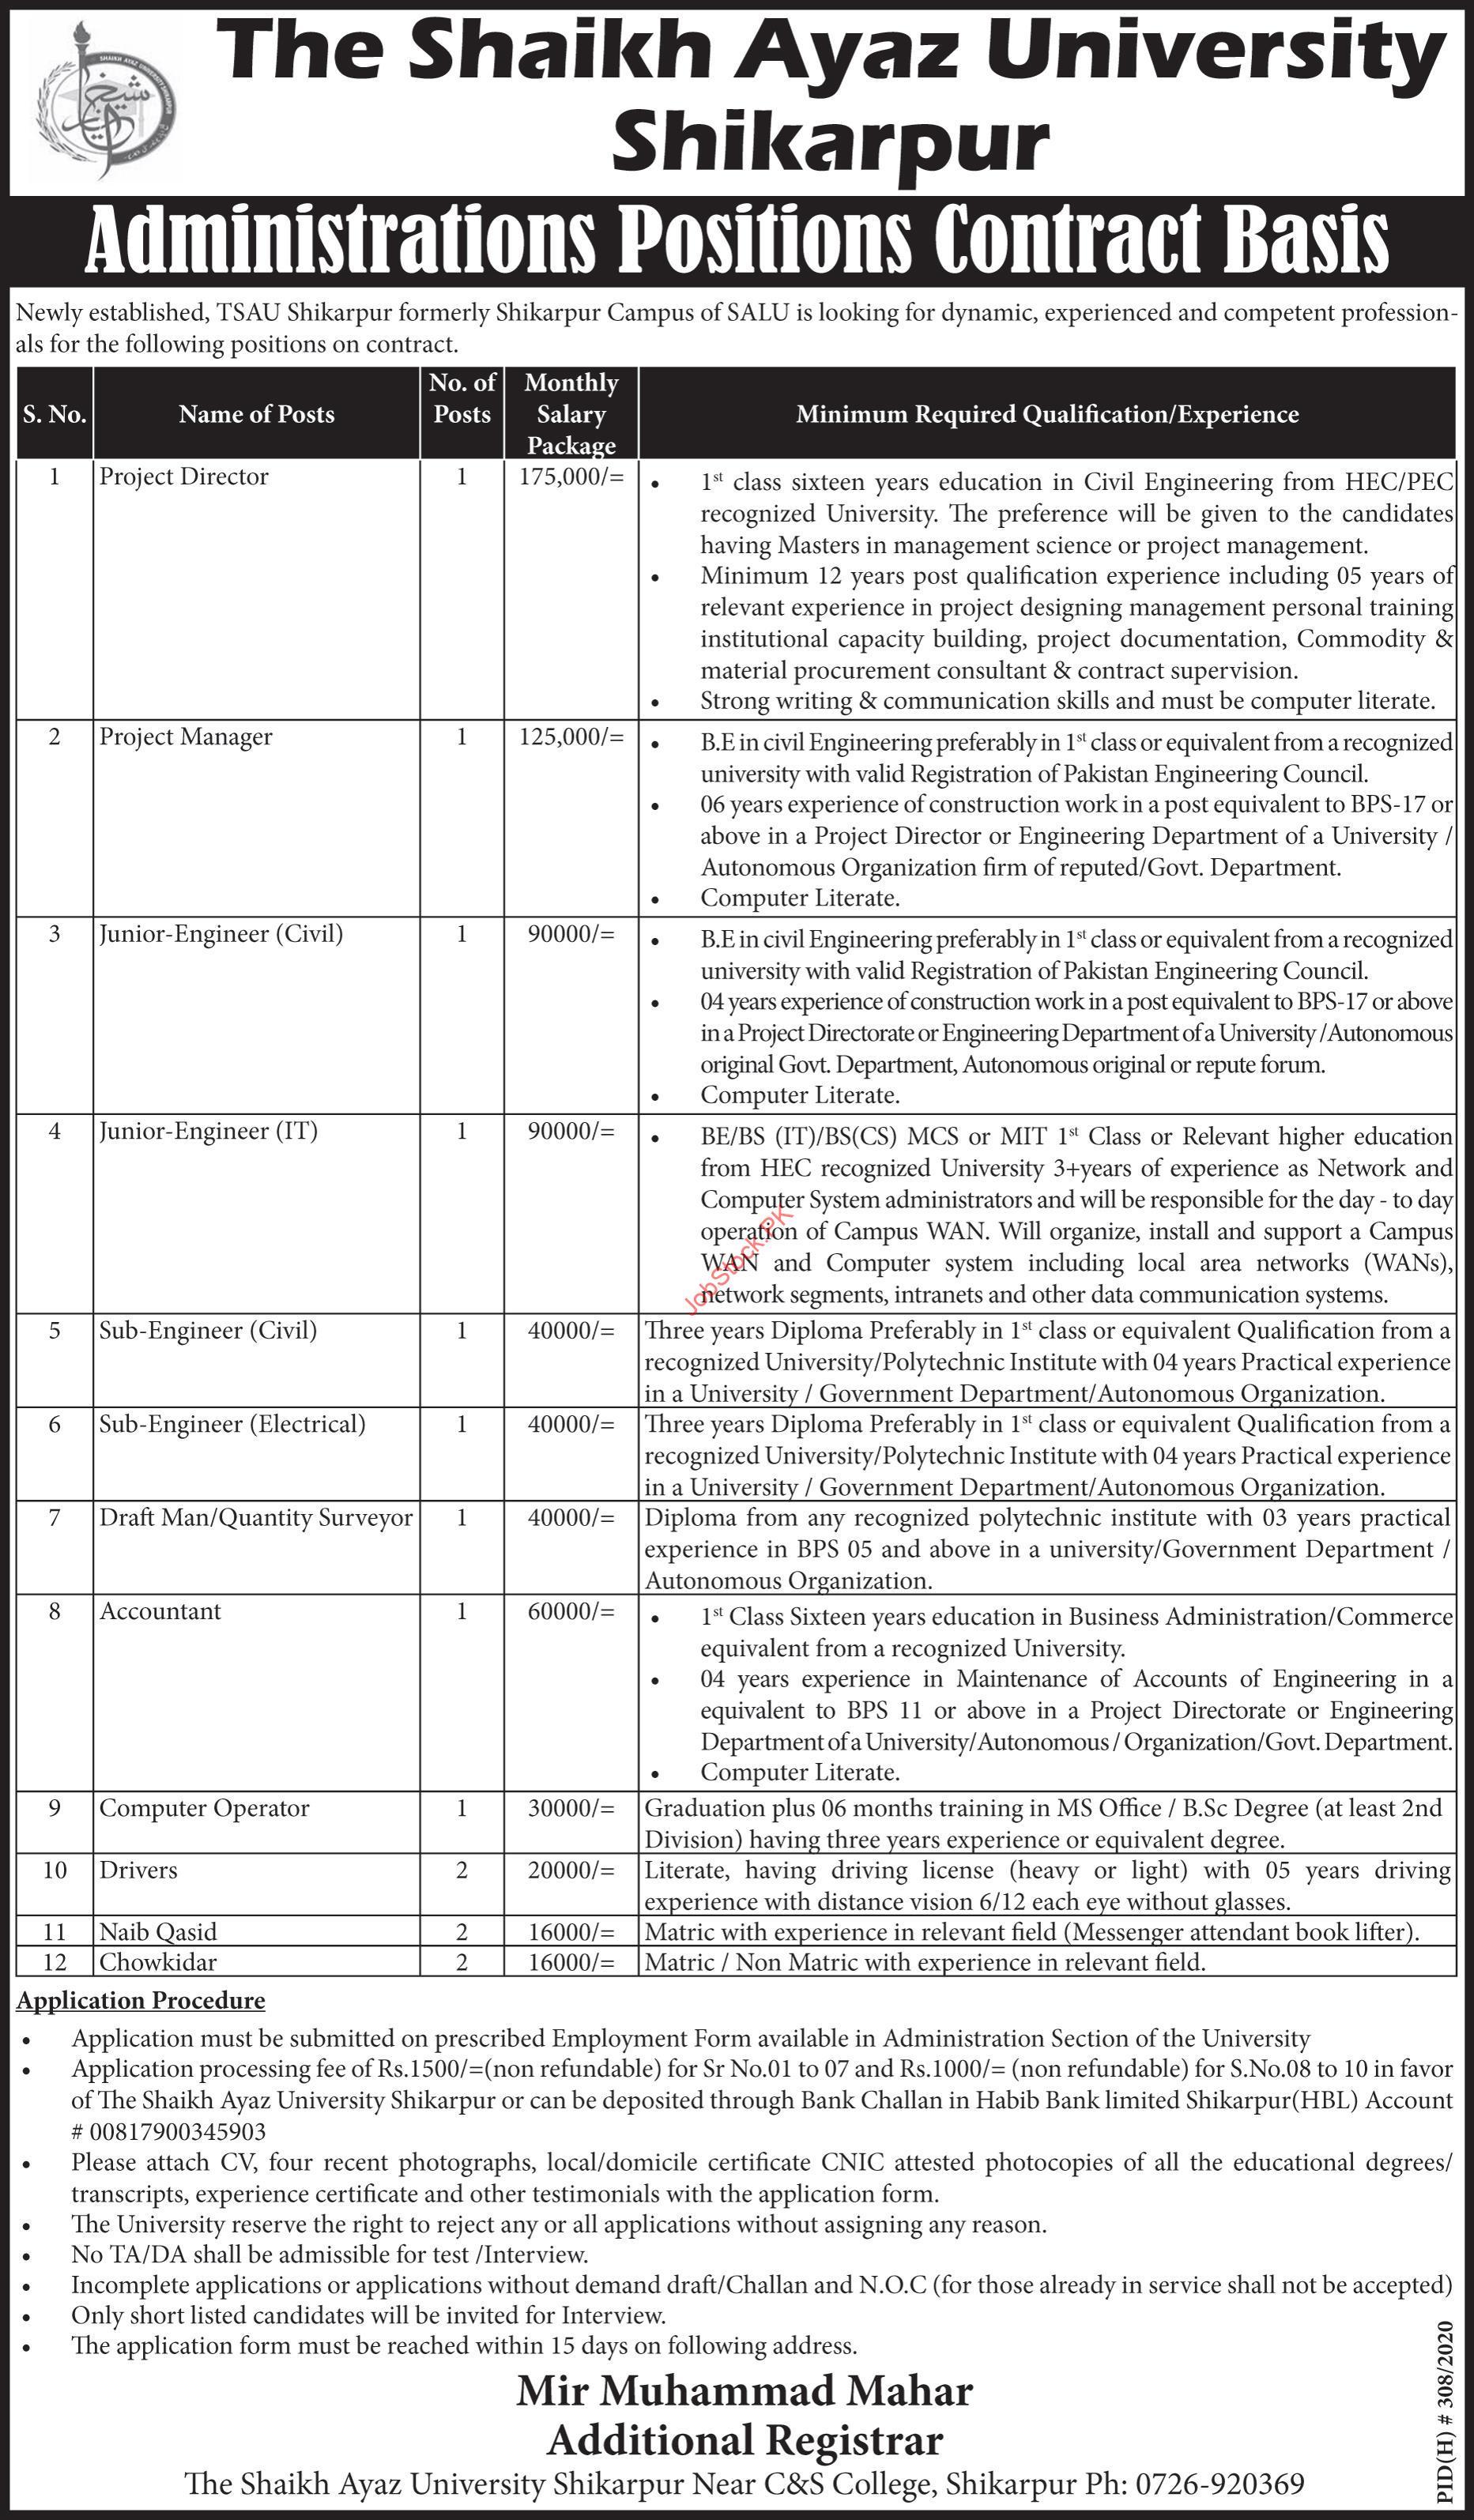 The Sheikh Ayaz University Shikarpur Jobs 2021